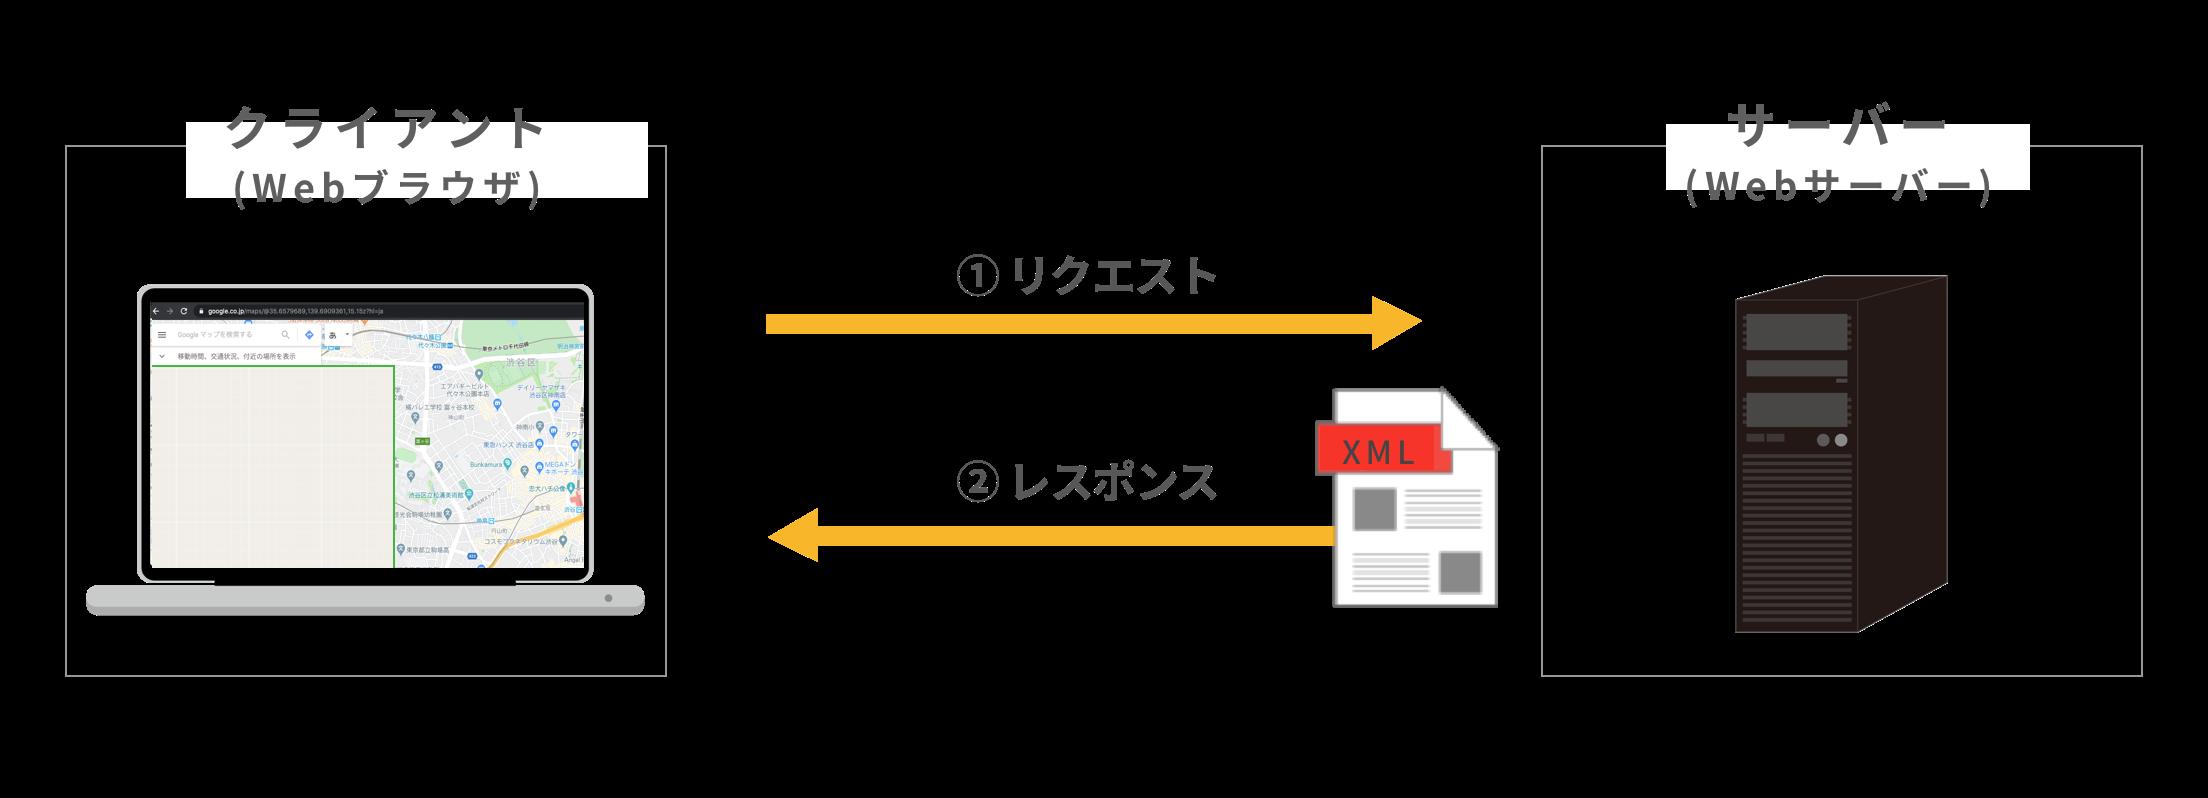 XMLファイルでサーバーからレスポンスを送信している例